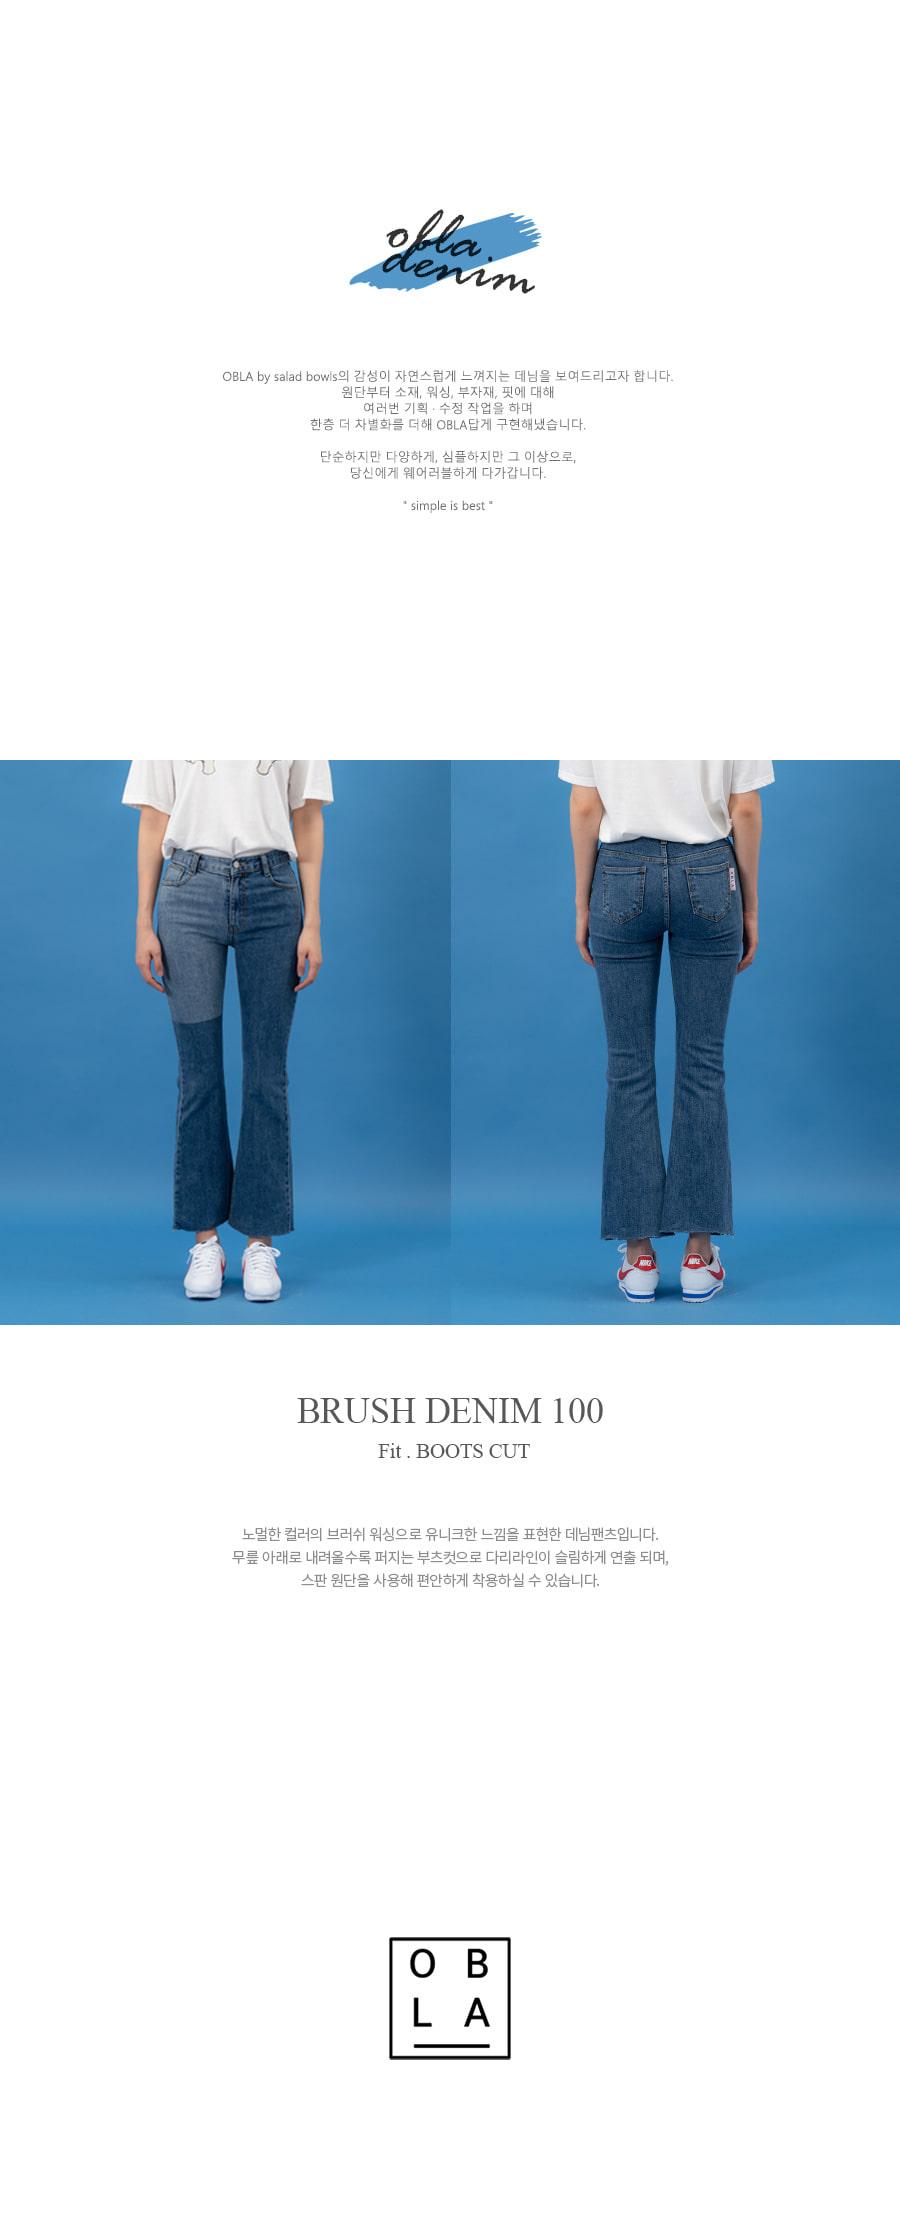 오블라(OBLA) 브러쉬 데님 100